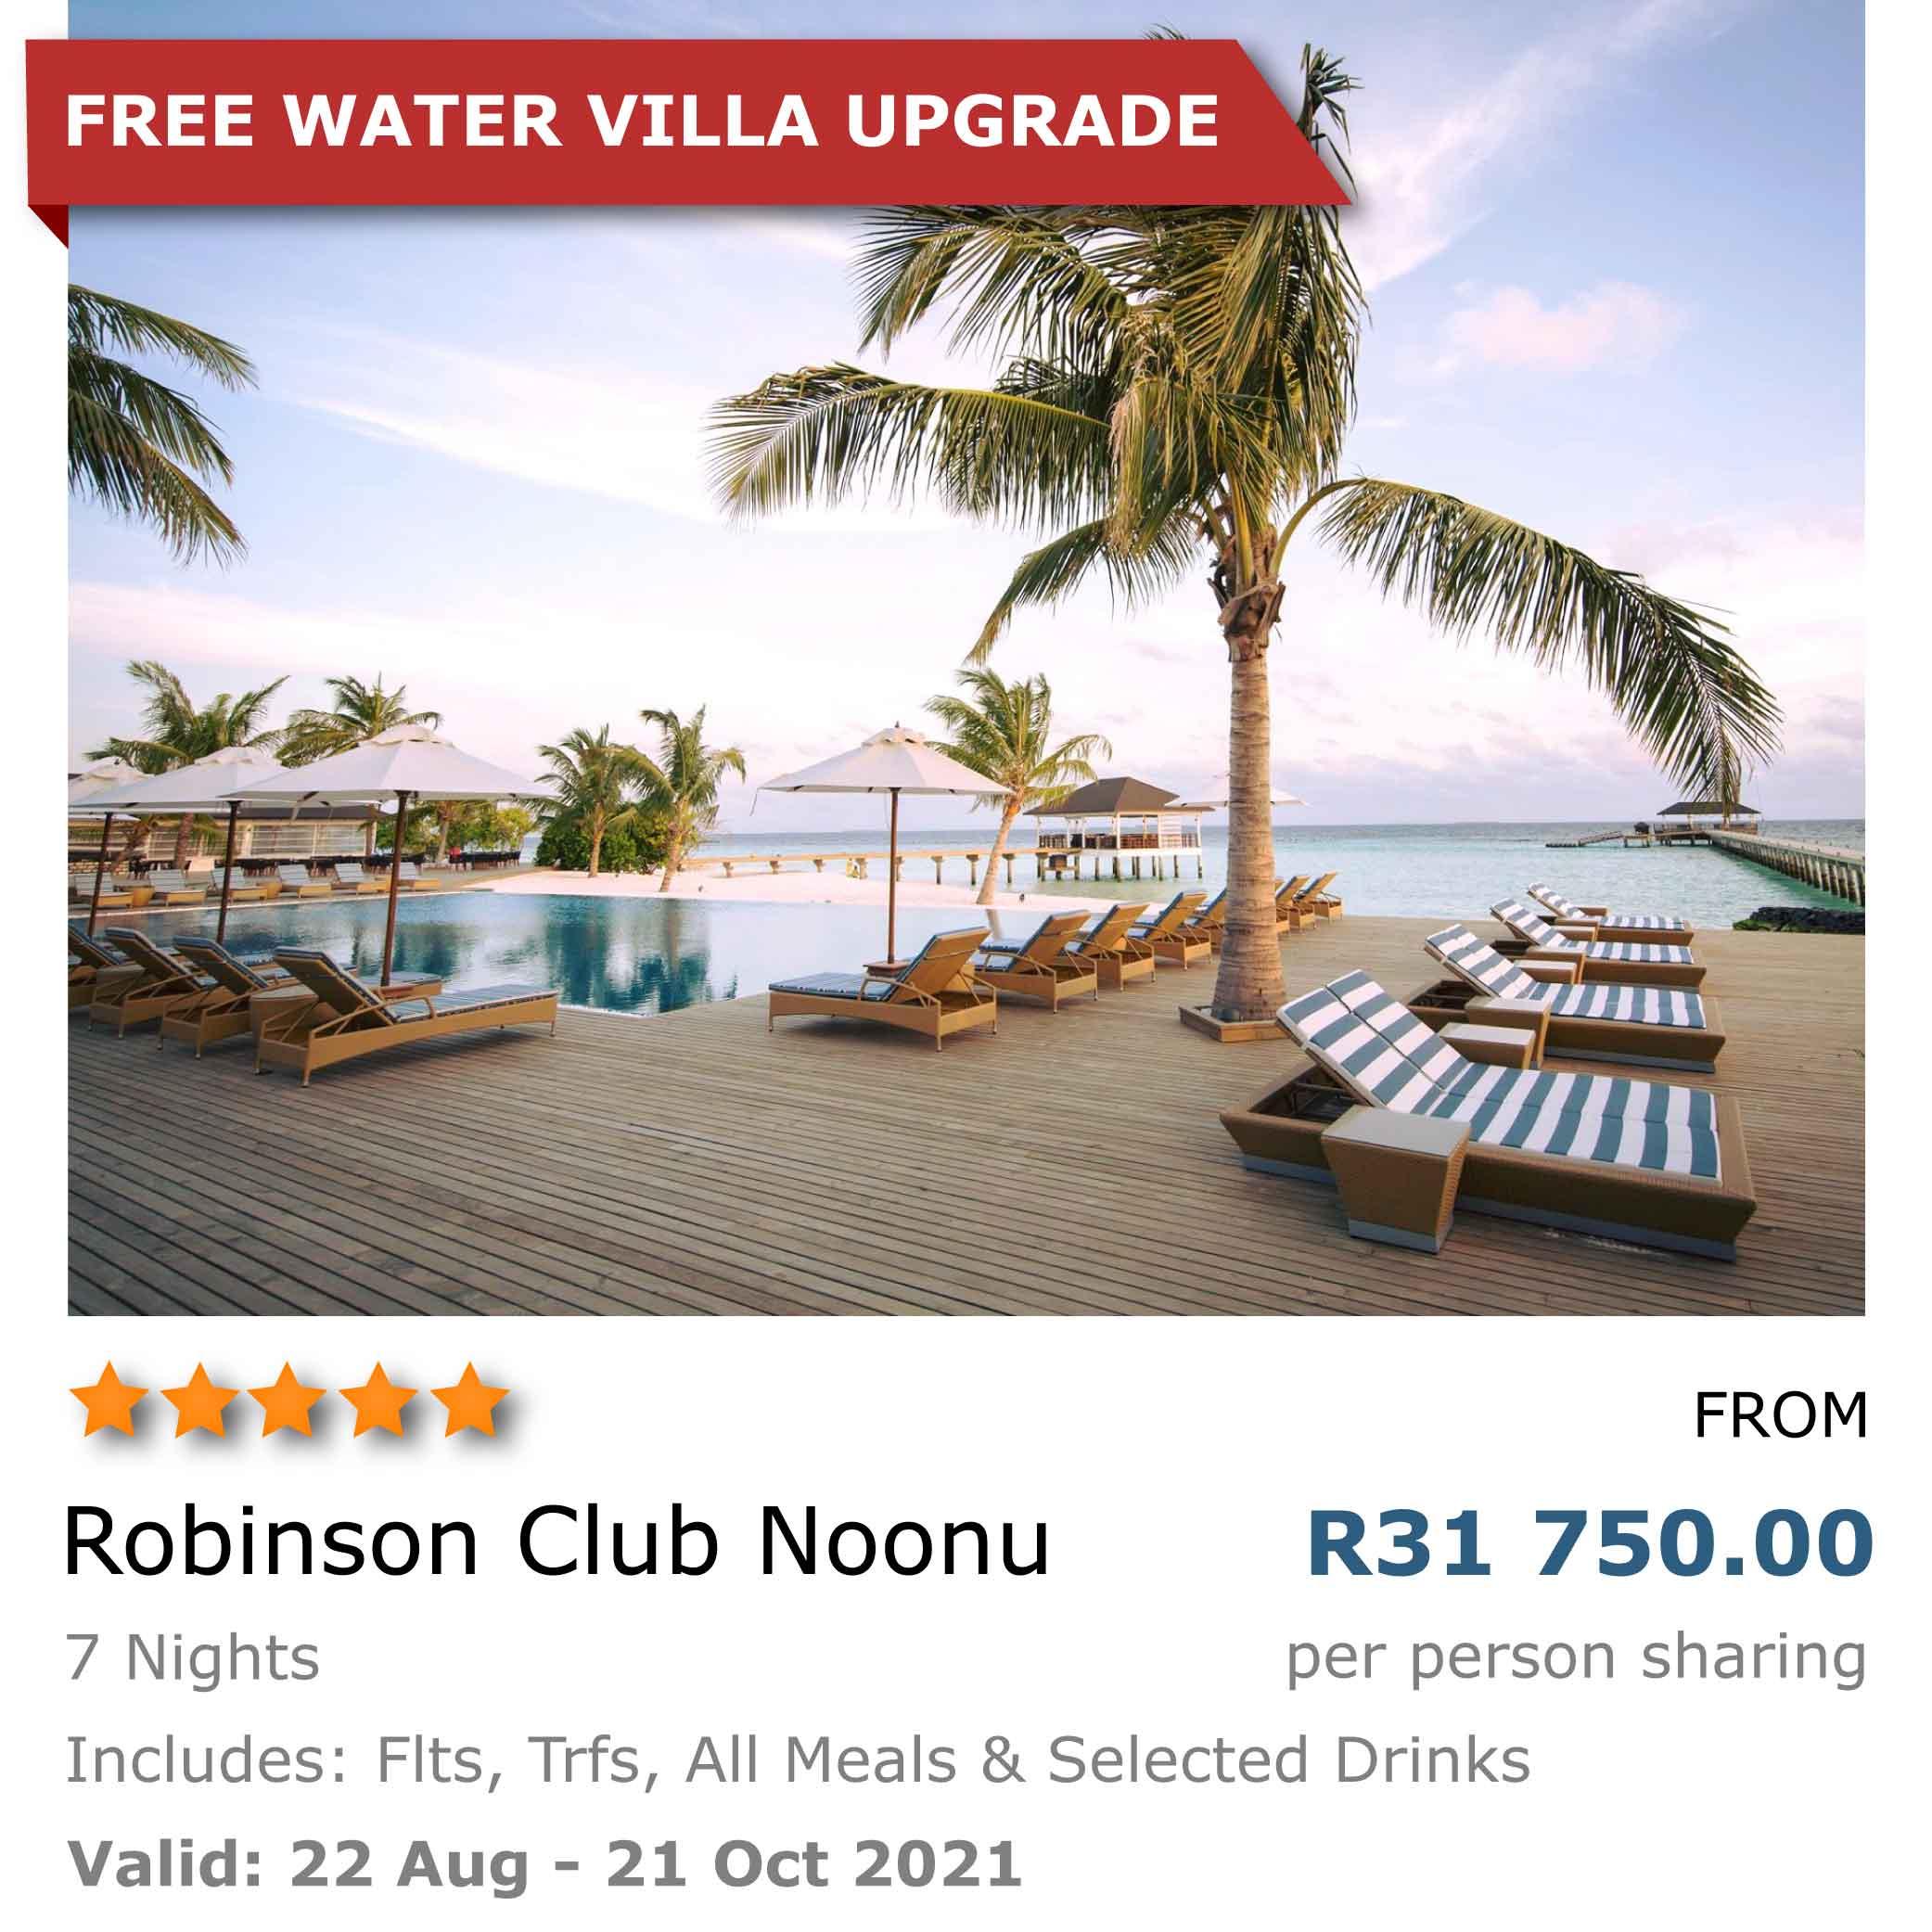 Robinson Club Noonu